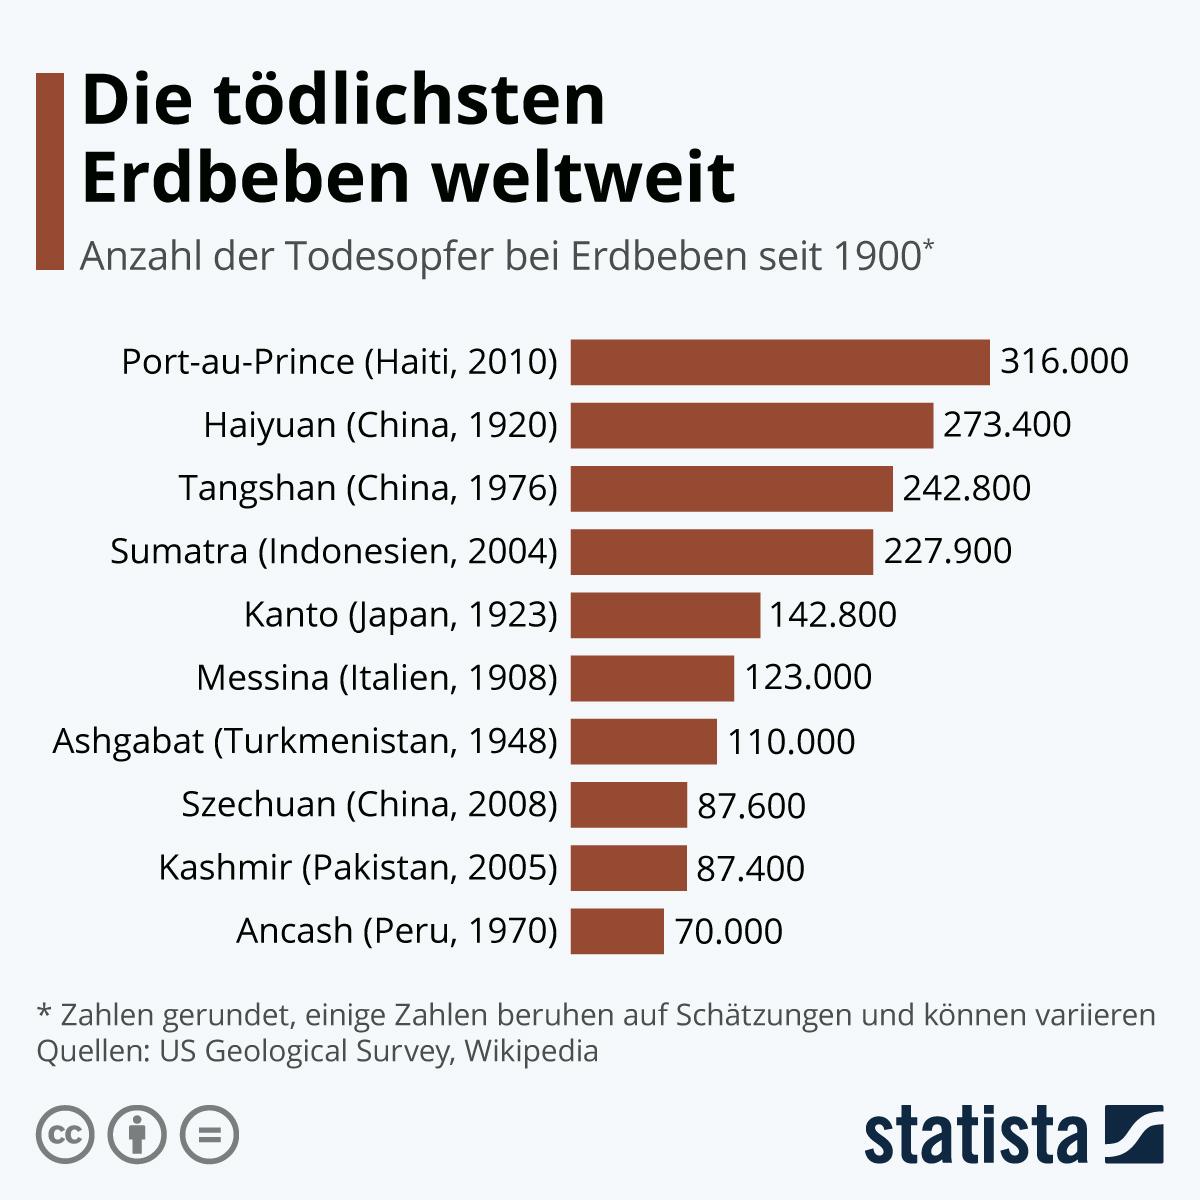 Инфографика: самые смертоносные землетрясения в мире  Statista